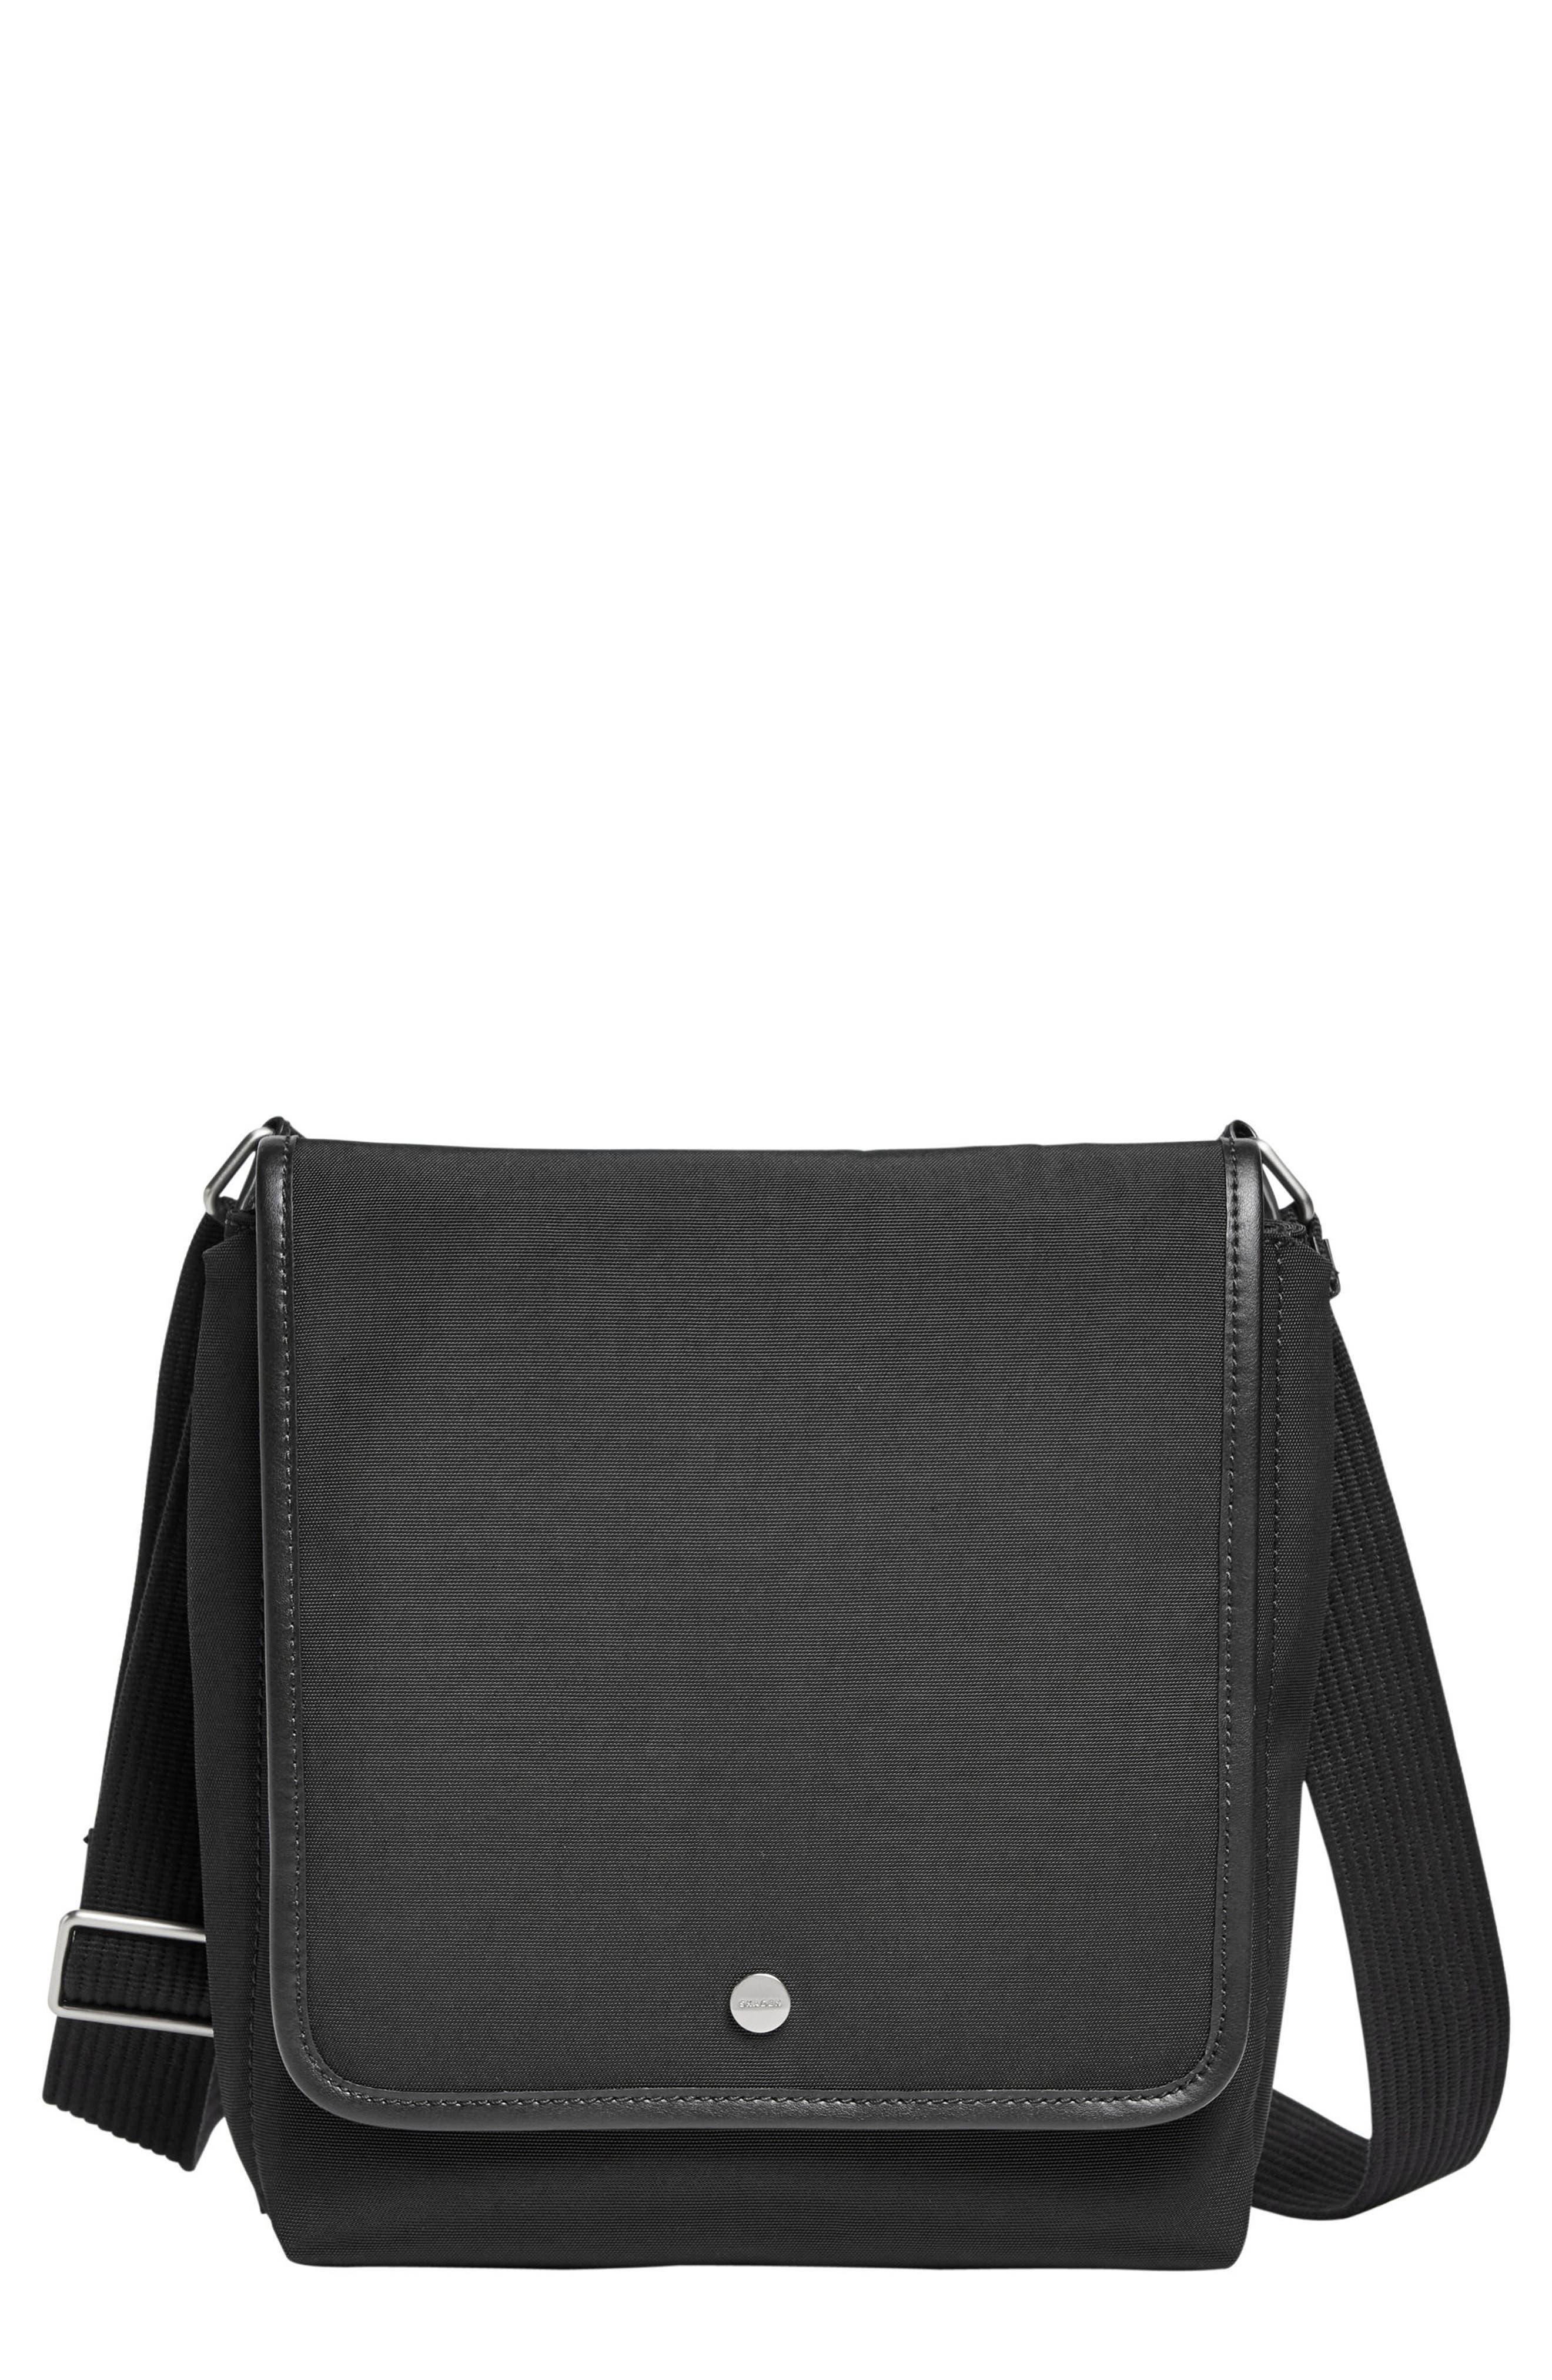 Gade Messenger Bag,                         Main,                         color, 001